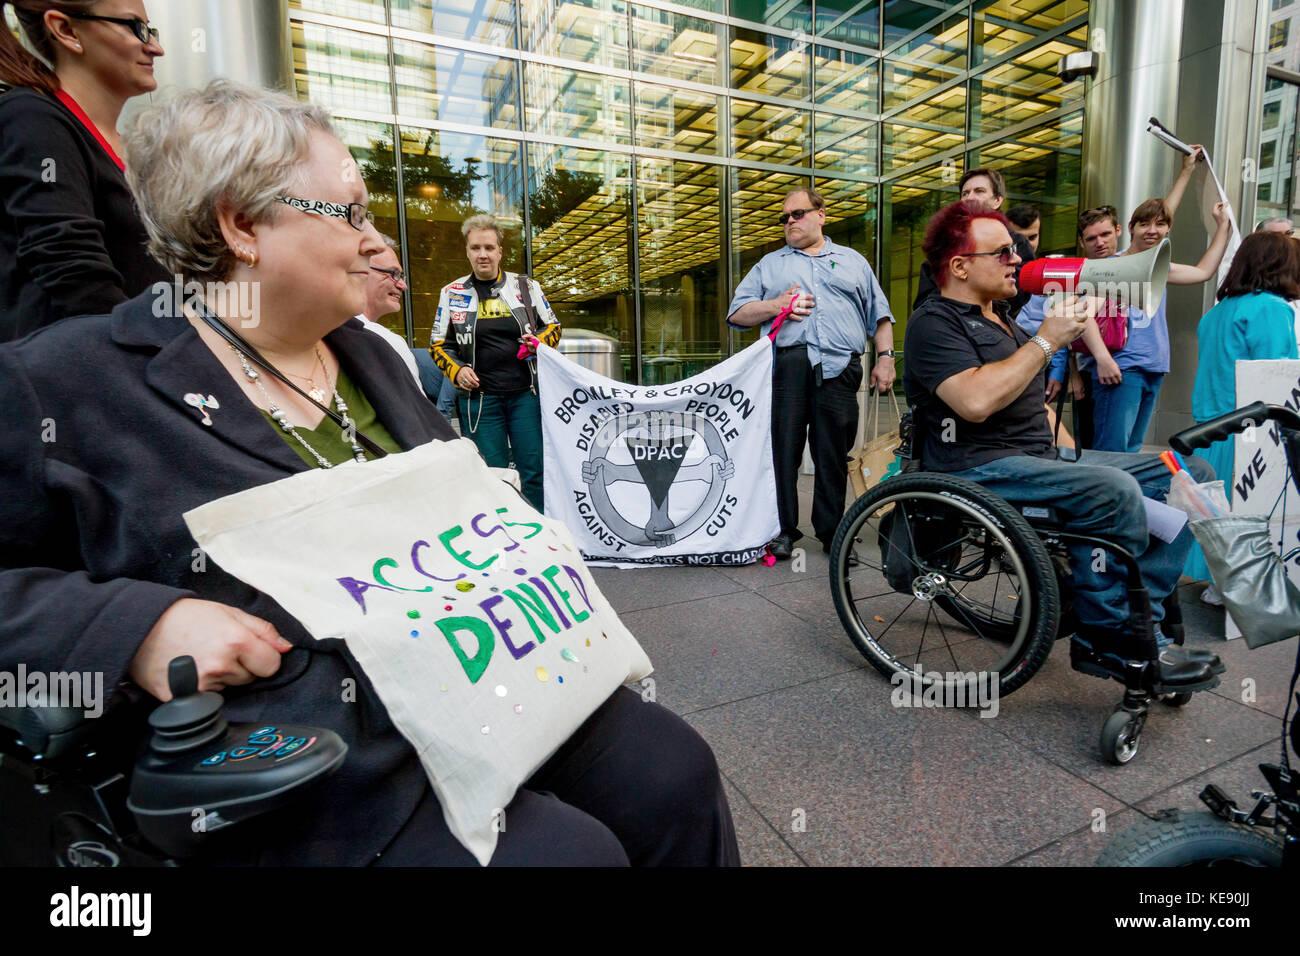 Behinderung Mitkämpfer Protest außerhalb der Crossrail Hauptverwaltung in Canary Wharf, London, Großbritannien. Stockbild